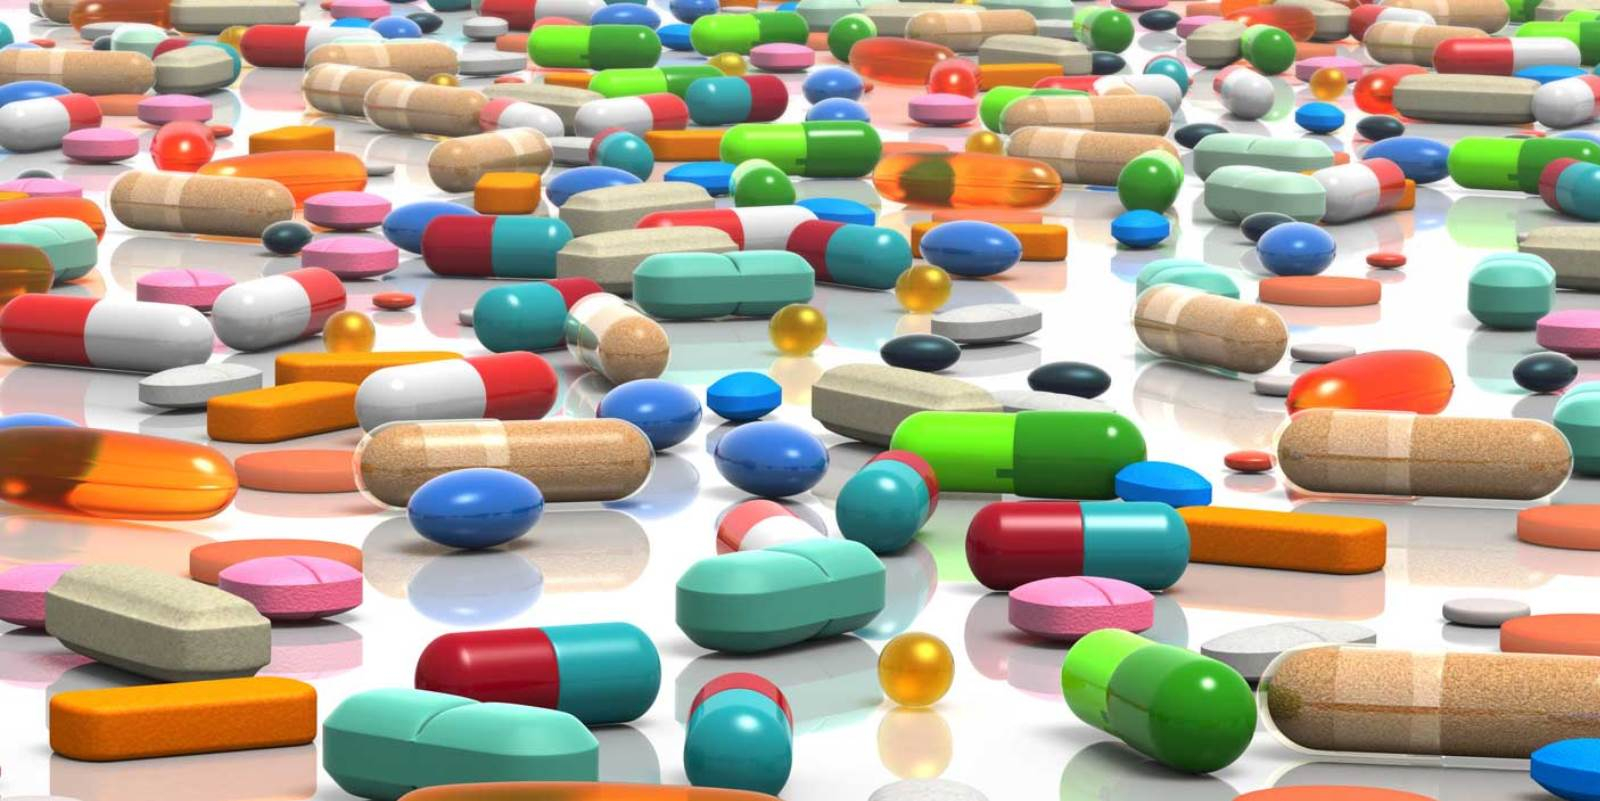 Kết quả hình ảnh cho Pharmaceuticals